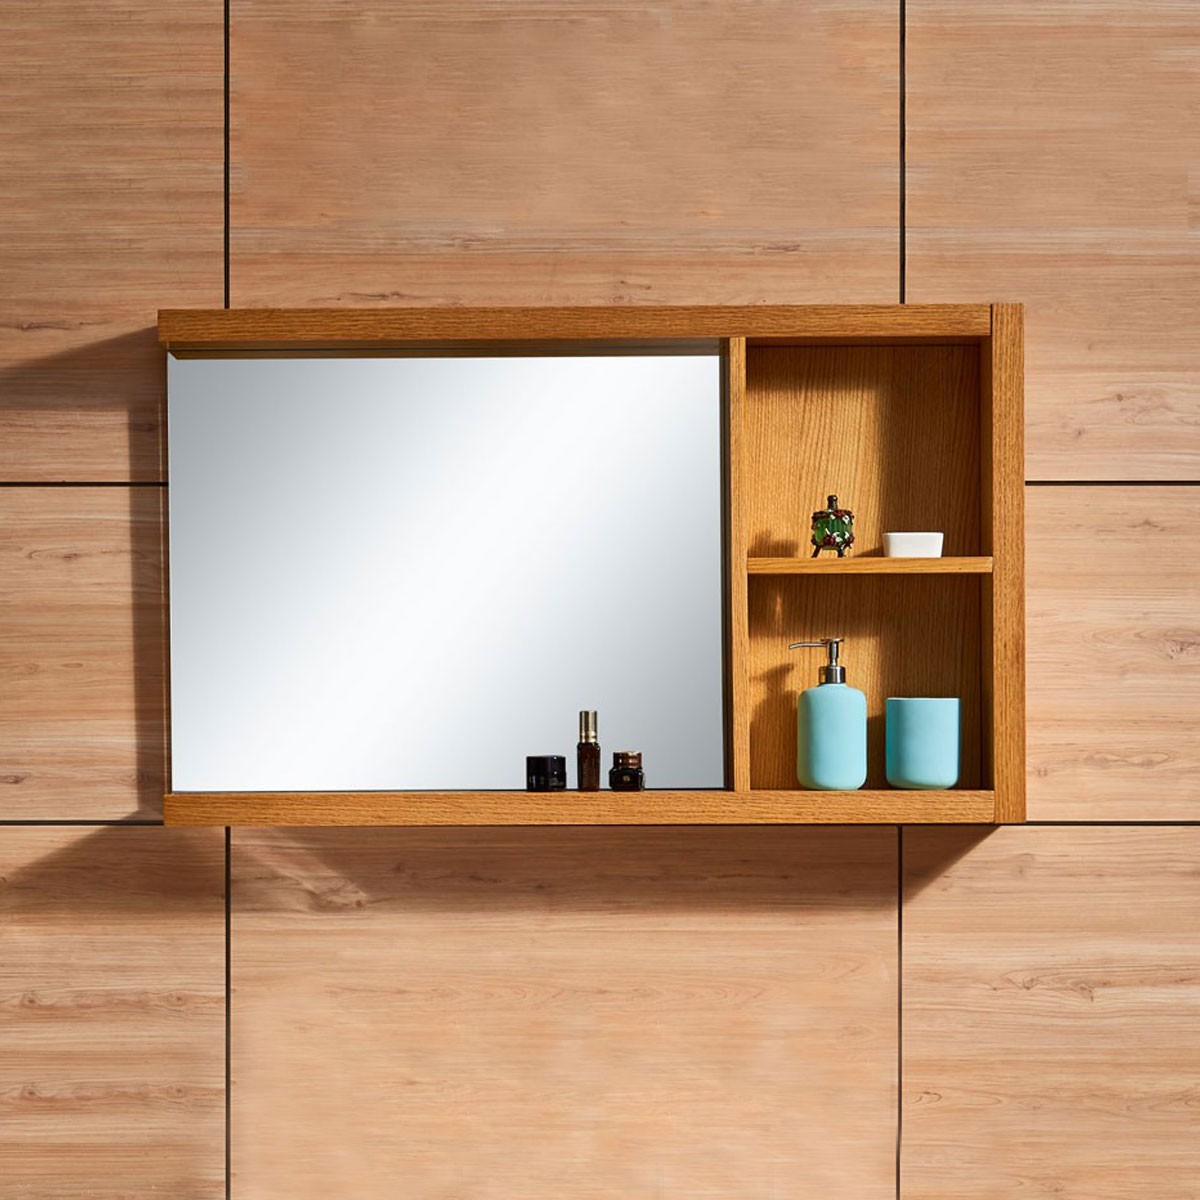 47 x 24 In. Bathroom Vanity Mirror (DK-667120-M)